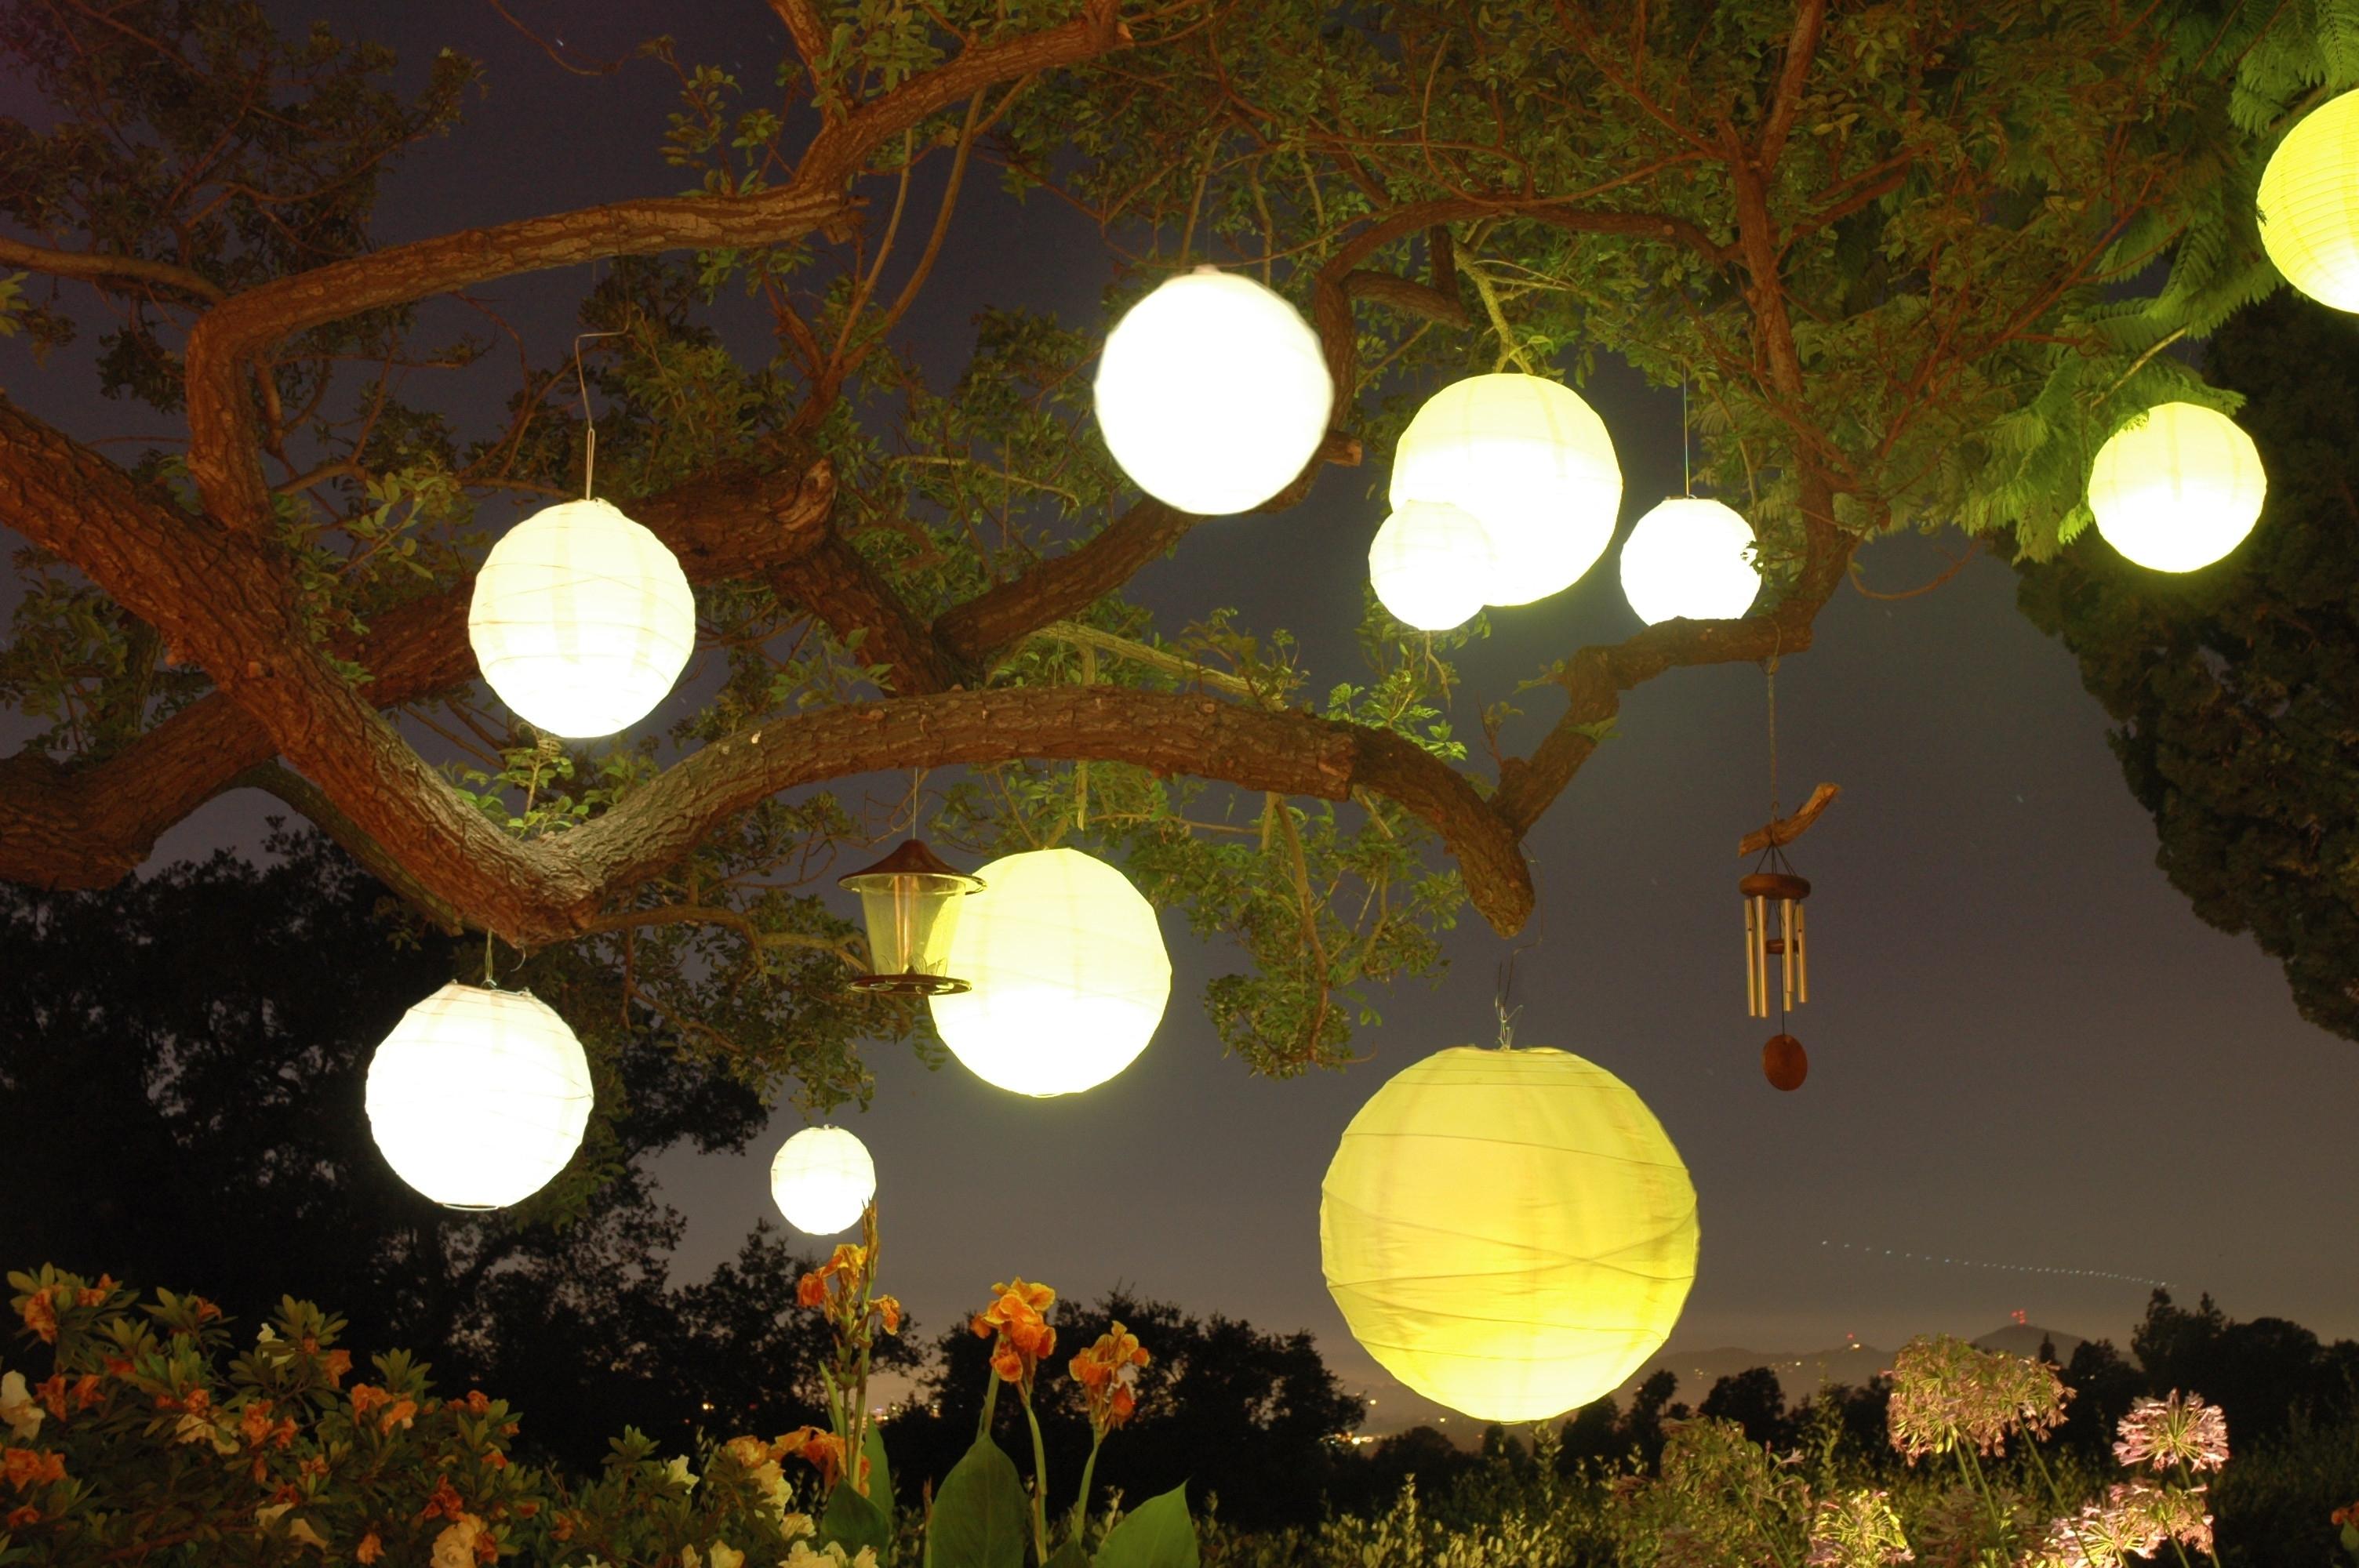 Exterior Outdoor Hanging Paper Lanterns Outdoor Chinese Paper Intended For Outdoor Hanging Paper Lanterns (#8 of 15)